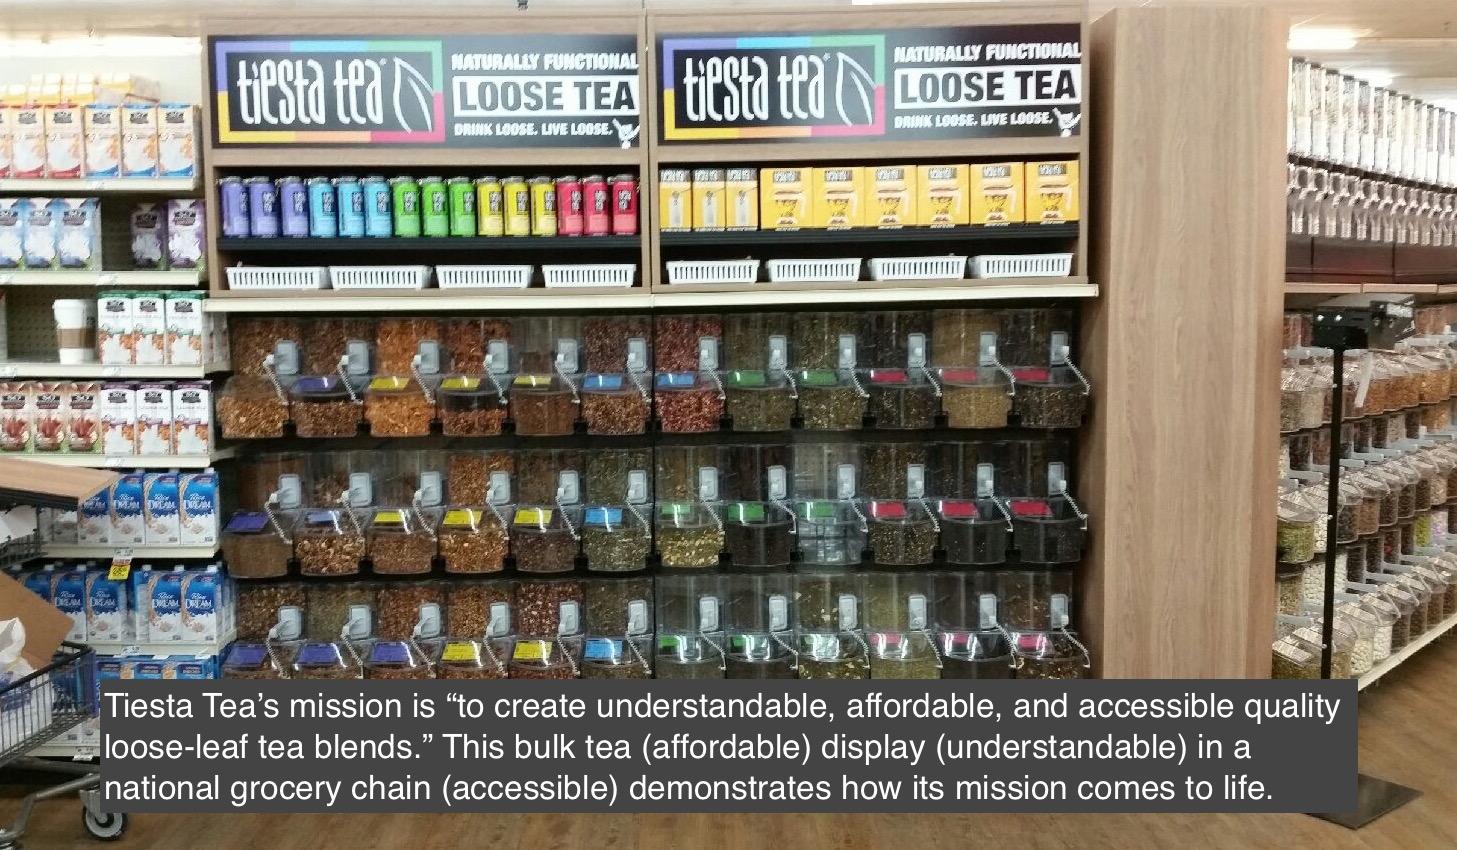 Tiesta Tea Mission